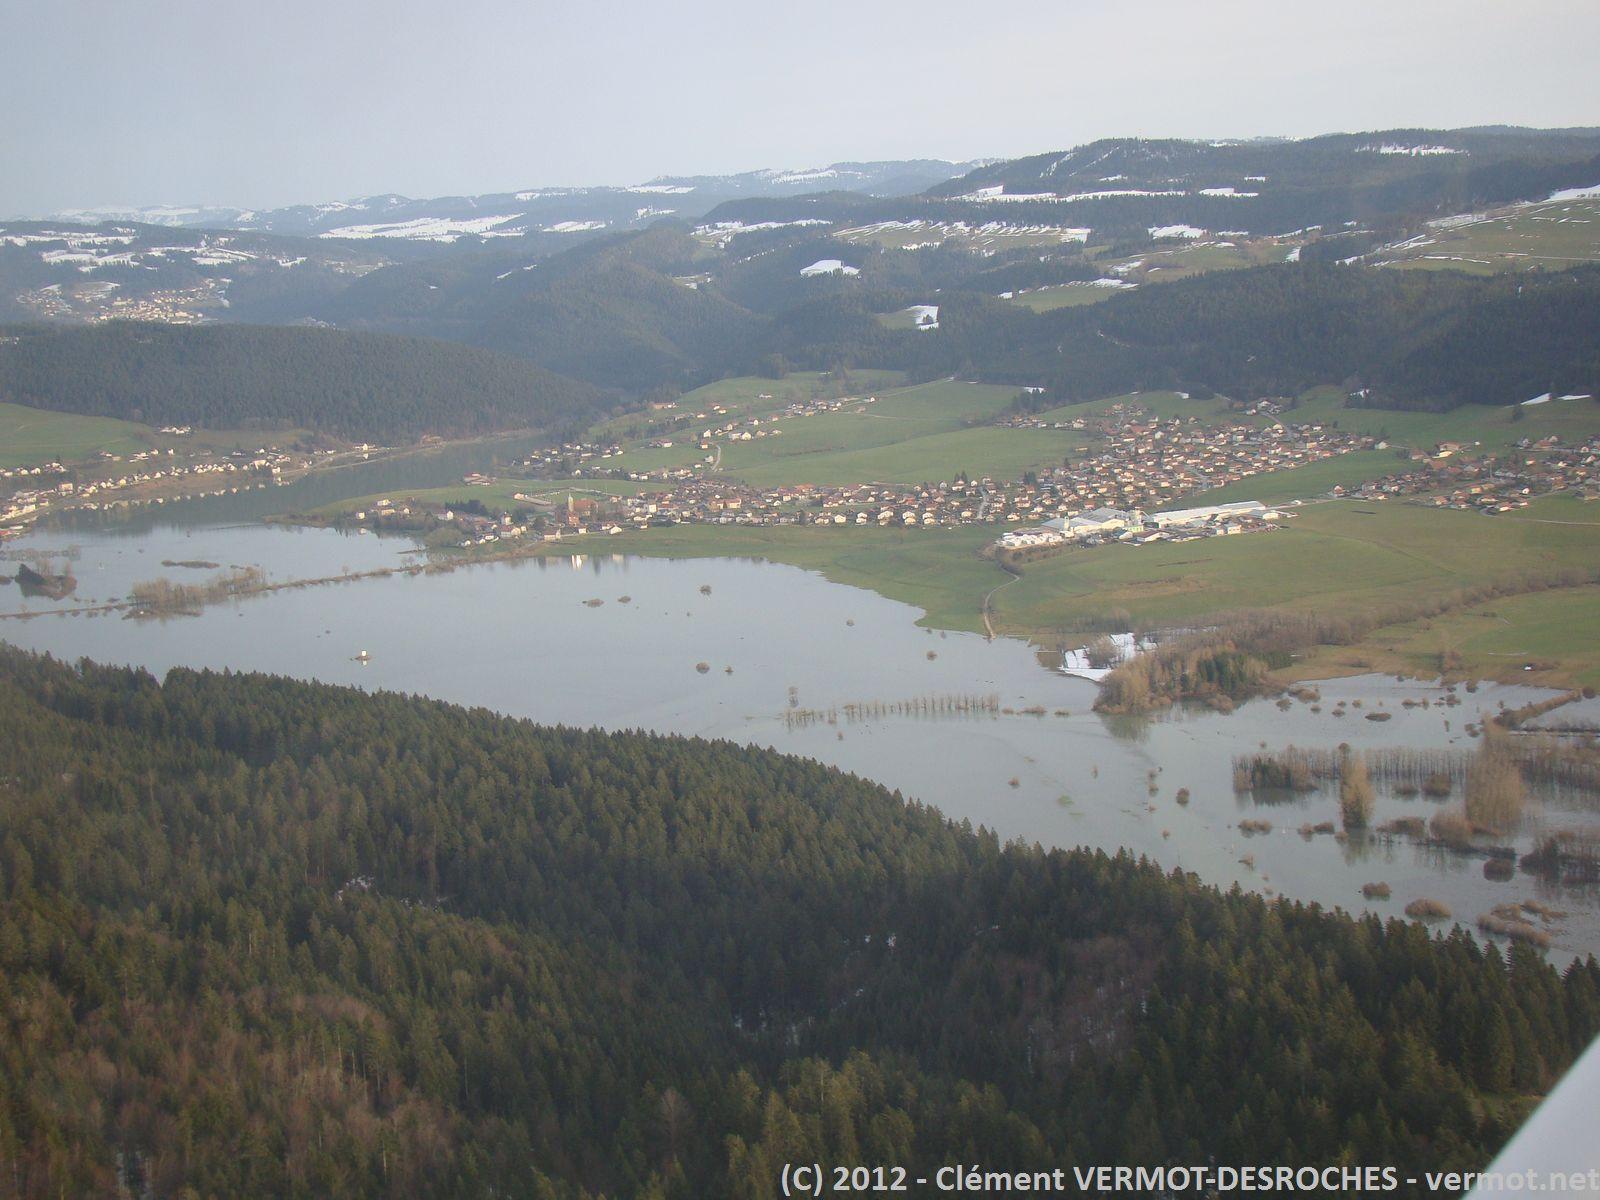 La zone inondée sur Morteau. Il faut imaginer qu'il n'y a normalement qu'une rivière de quelques mettre de large qui passe au milieu des champs.